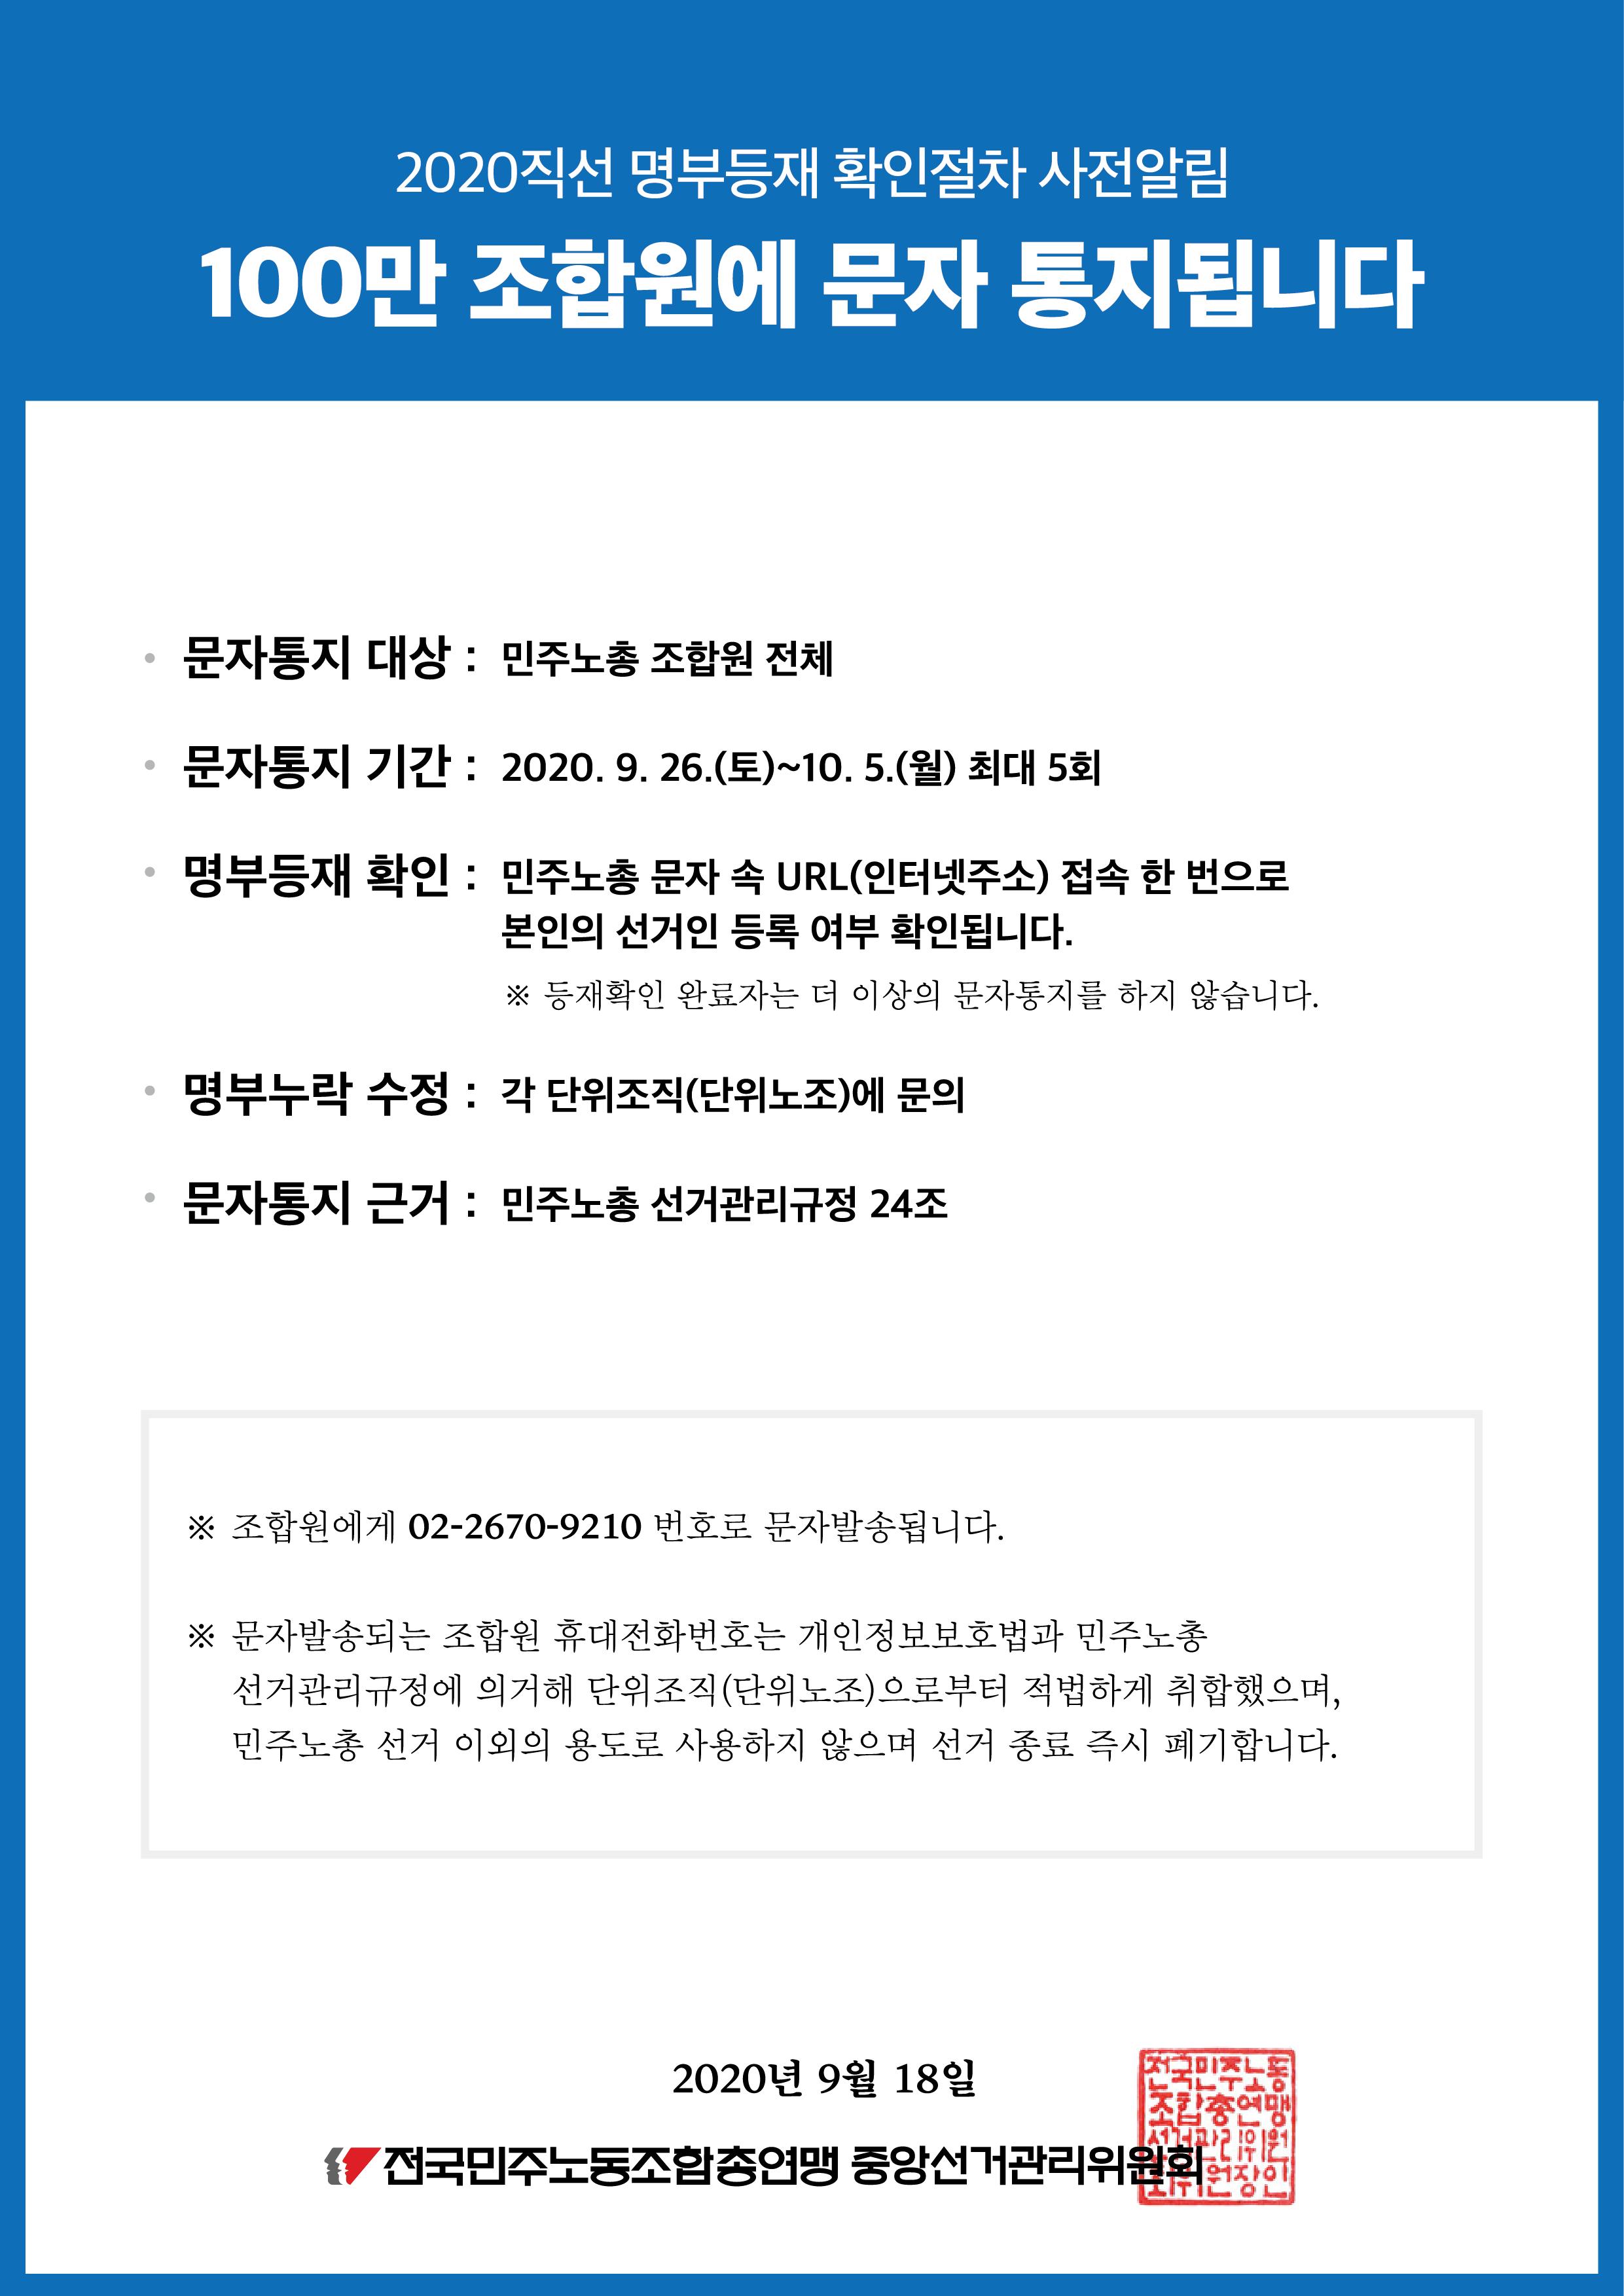 [첨부][안내문]문자발송사전안내문_(웹자보용).png